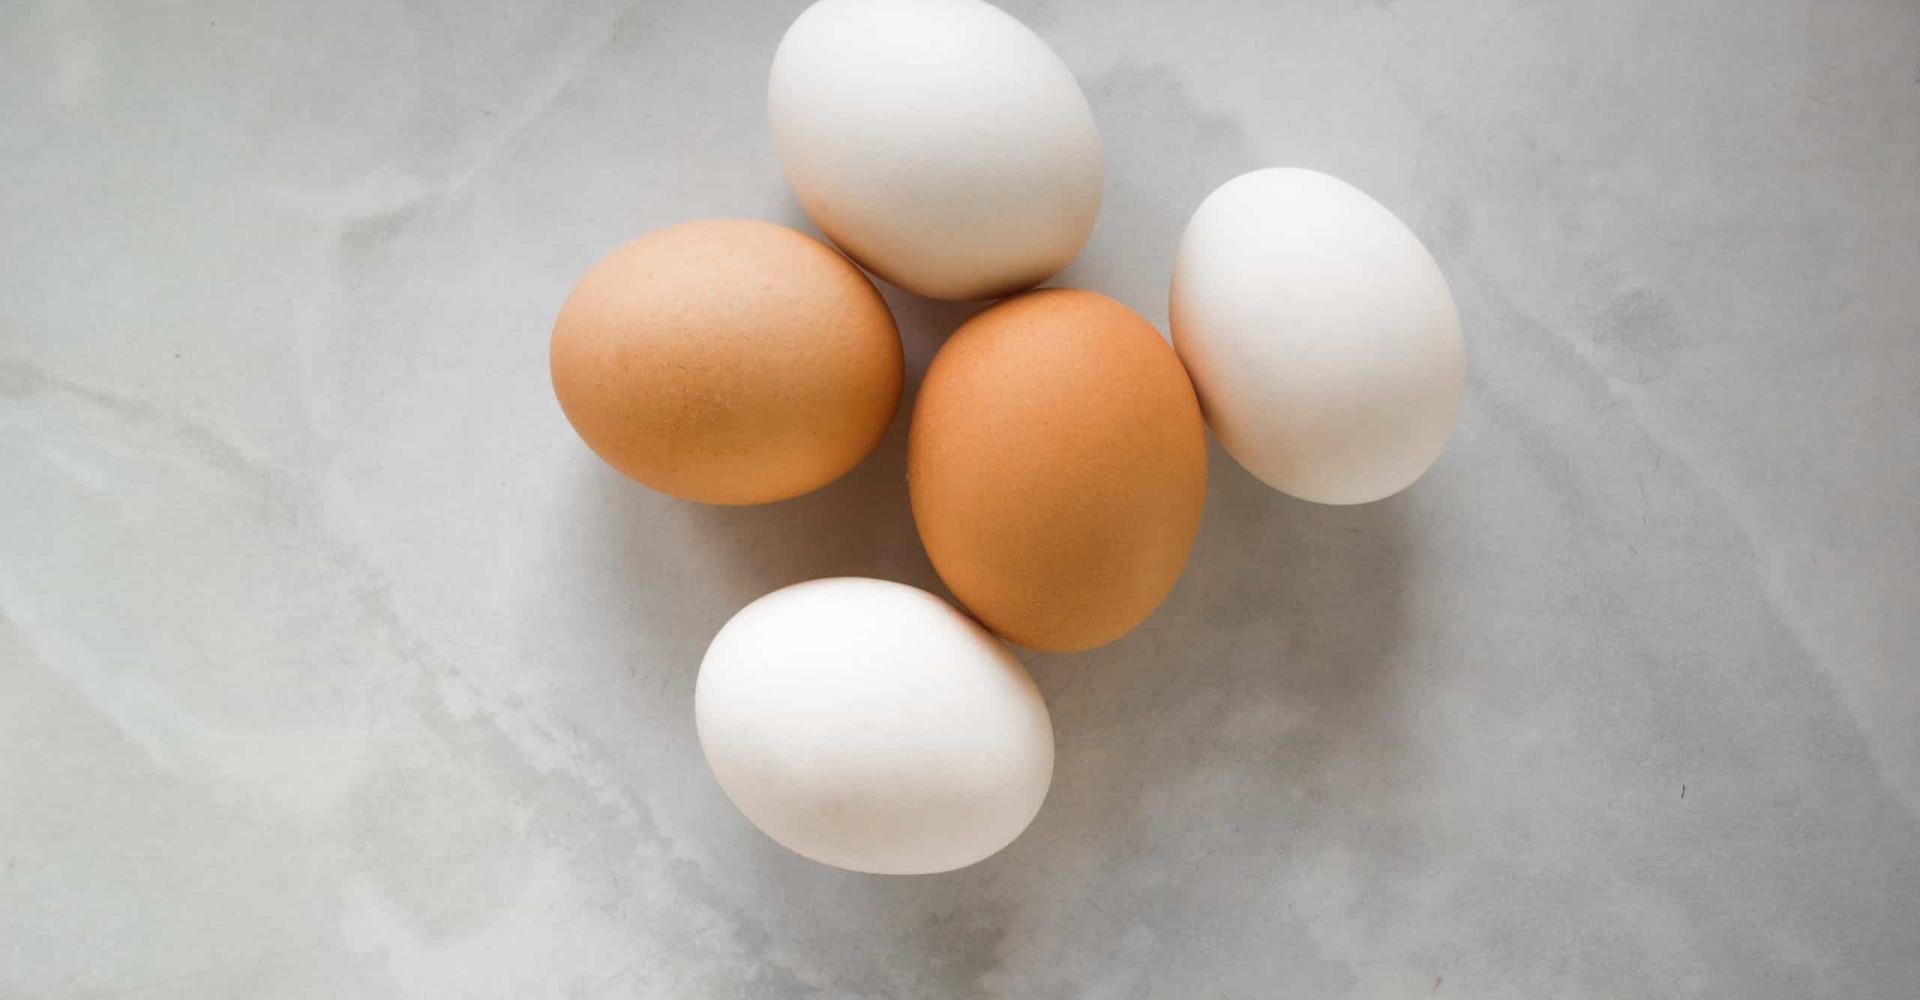 Dus dit is het verschil tussen bruine en witte eieren